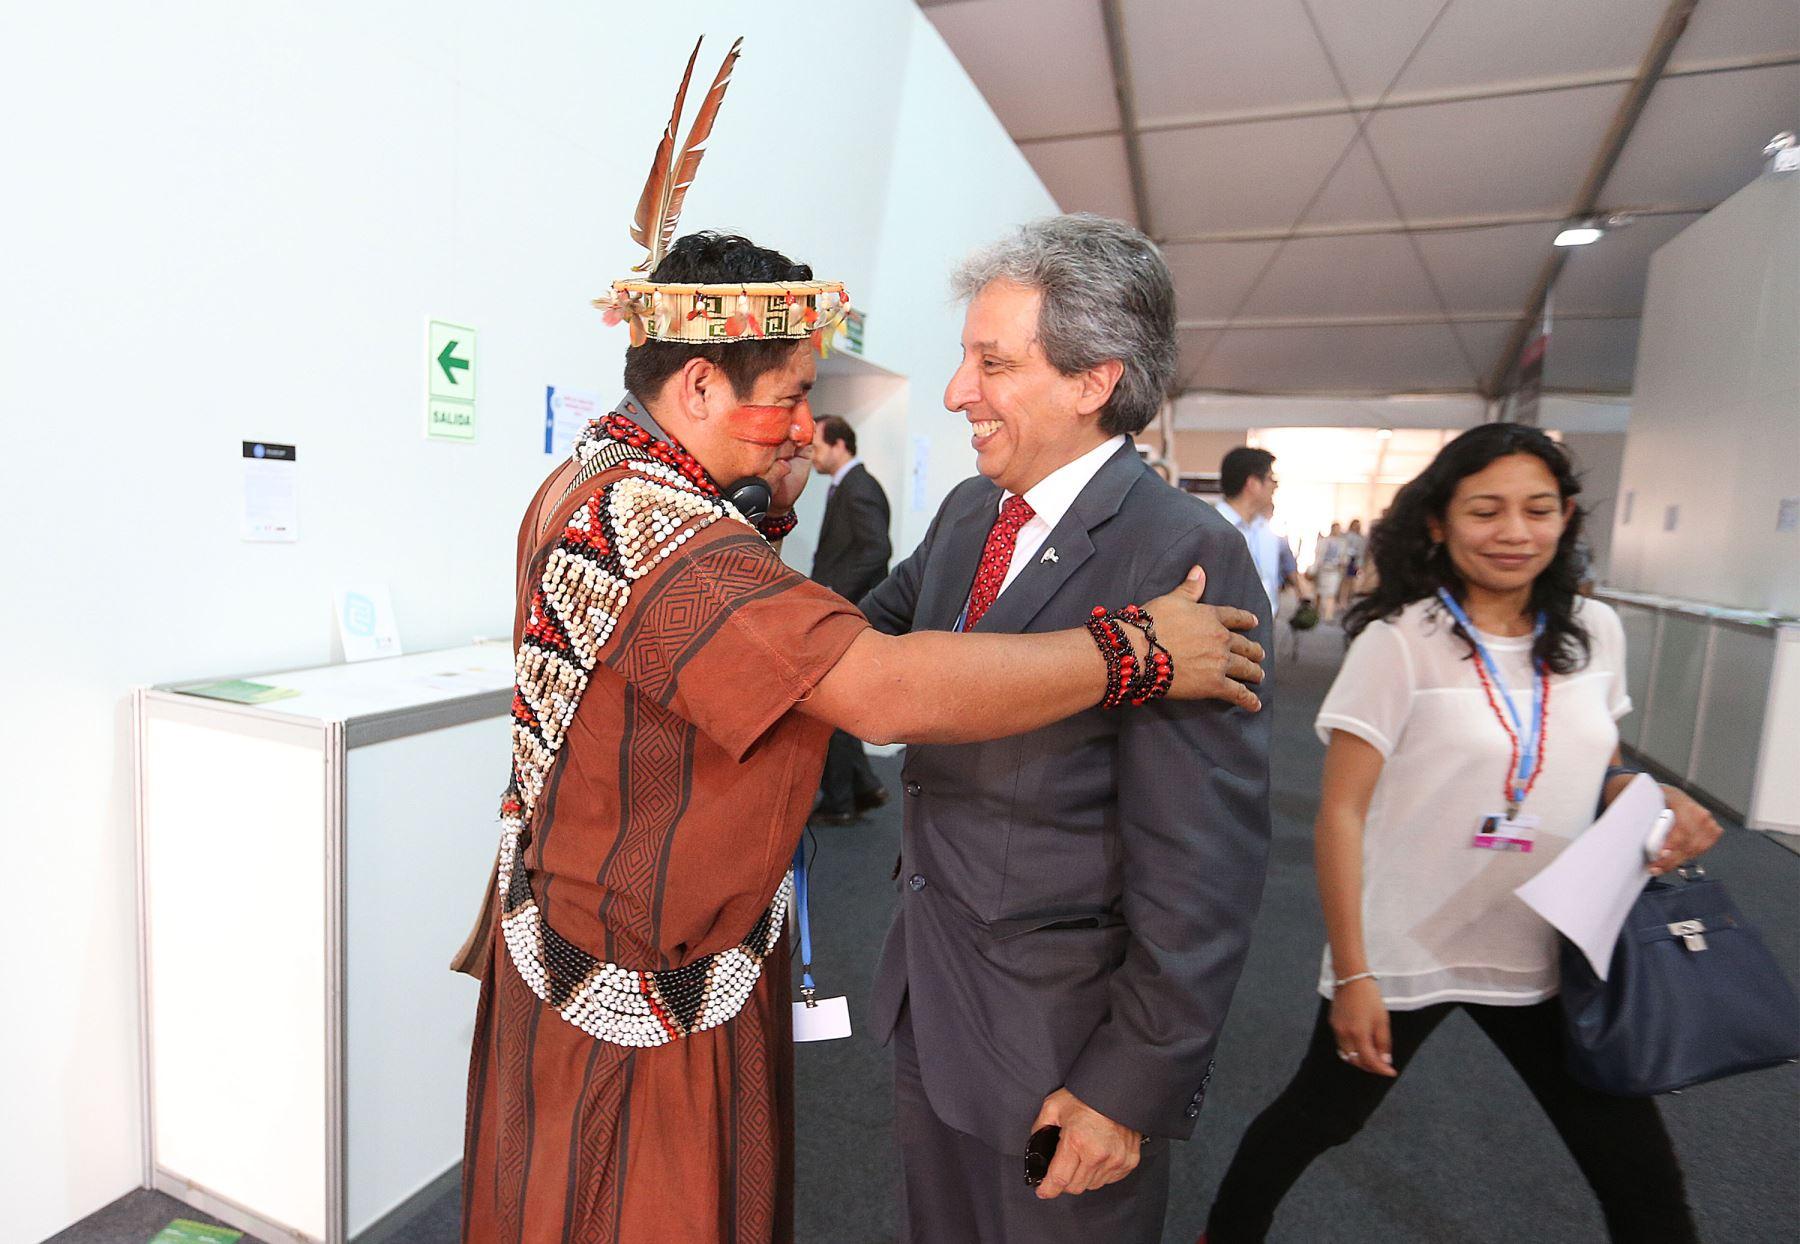 LIMA,PERÚ-DICIEMBRE 05. Manuel Pulgar-Vidal Ministro de Ambiente en la conferencia de la COP 20.Foto: ANDINA/Vidal Tarqui